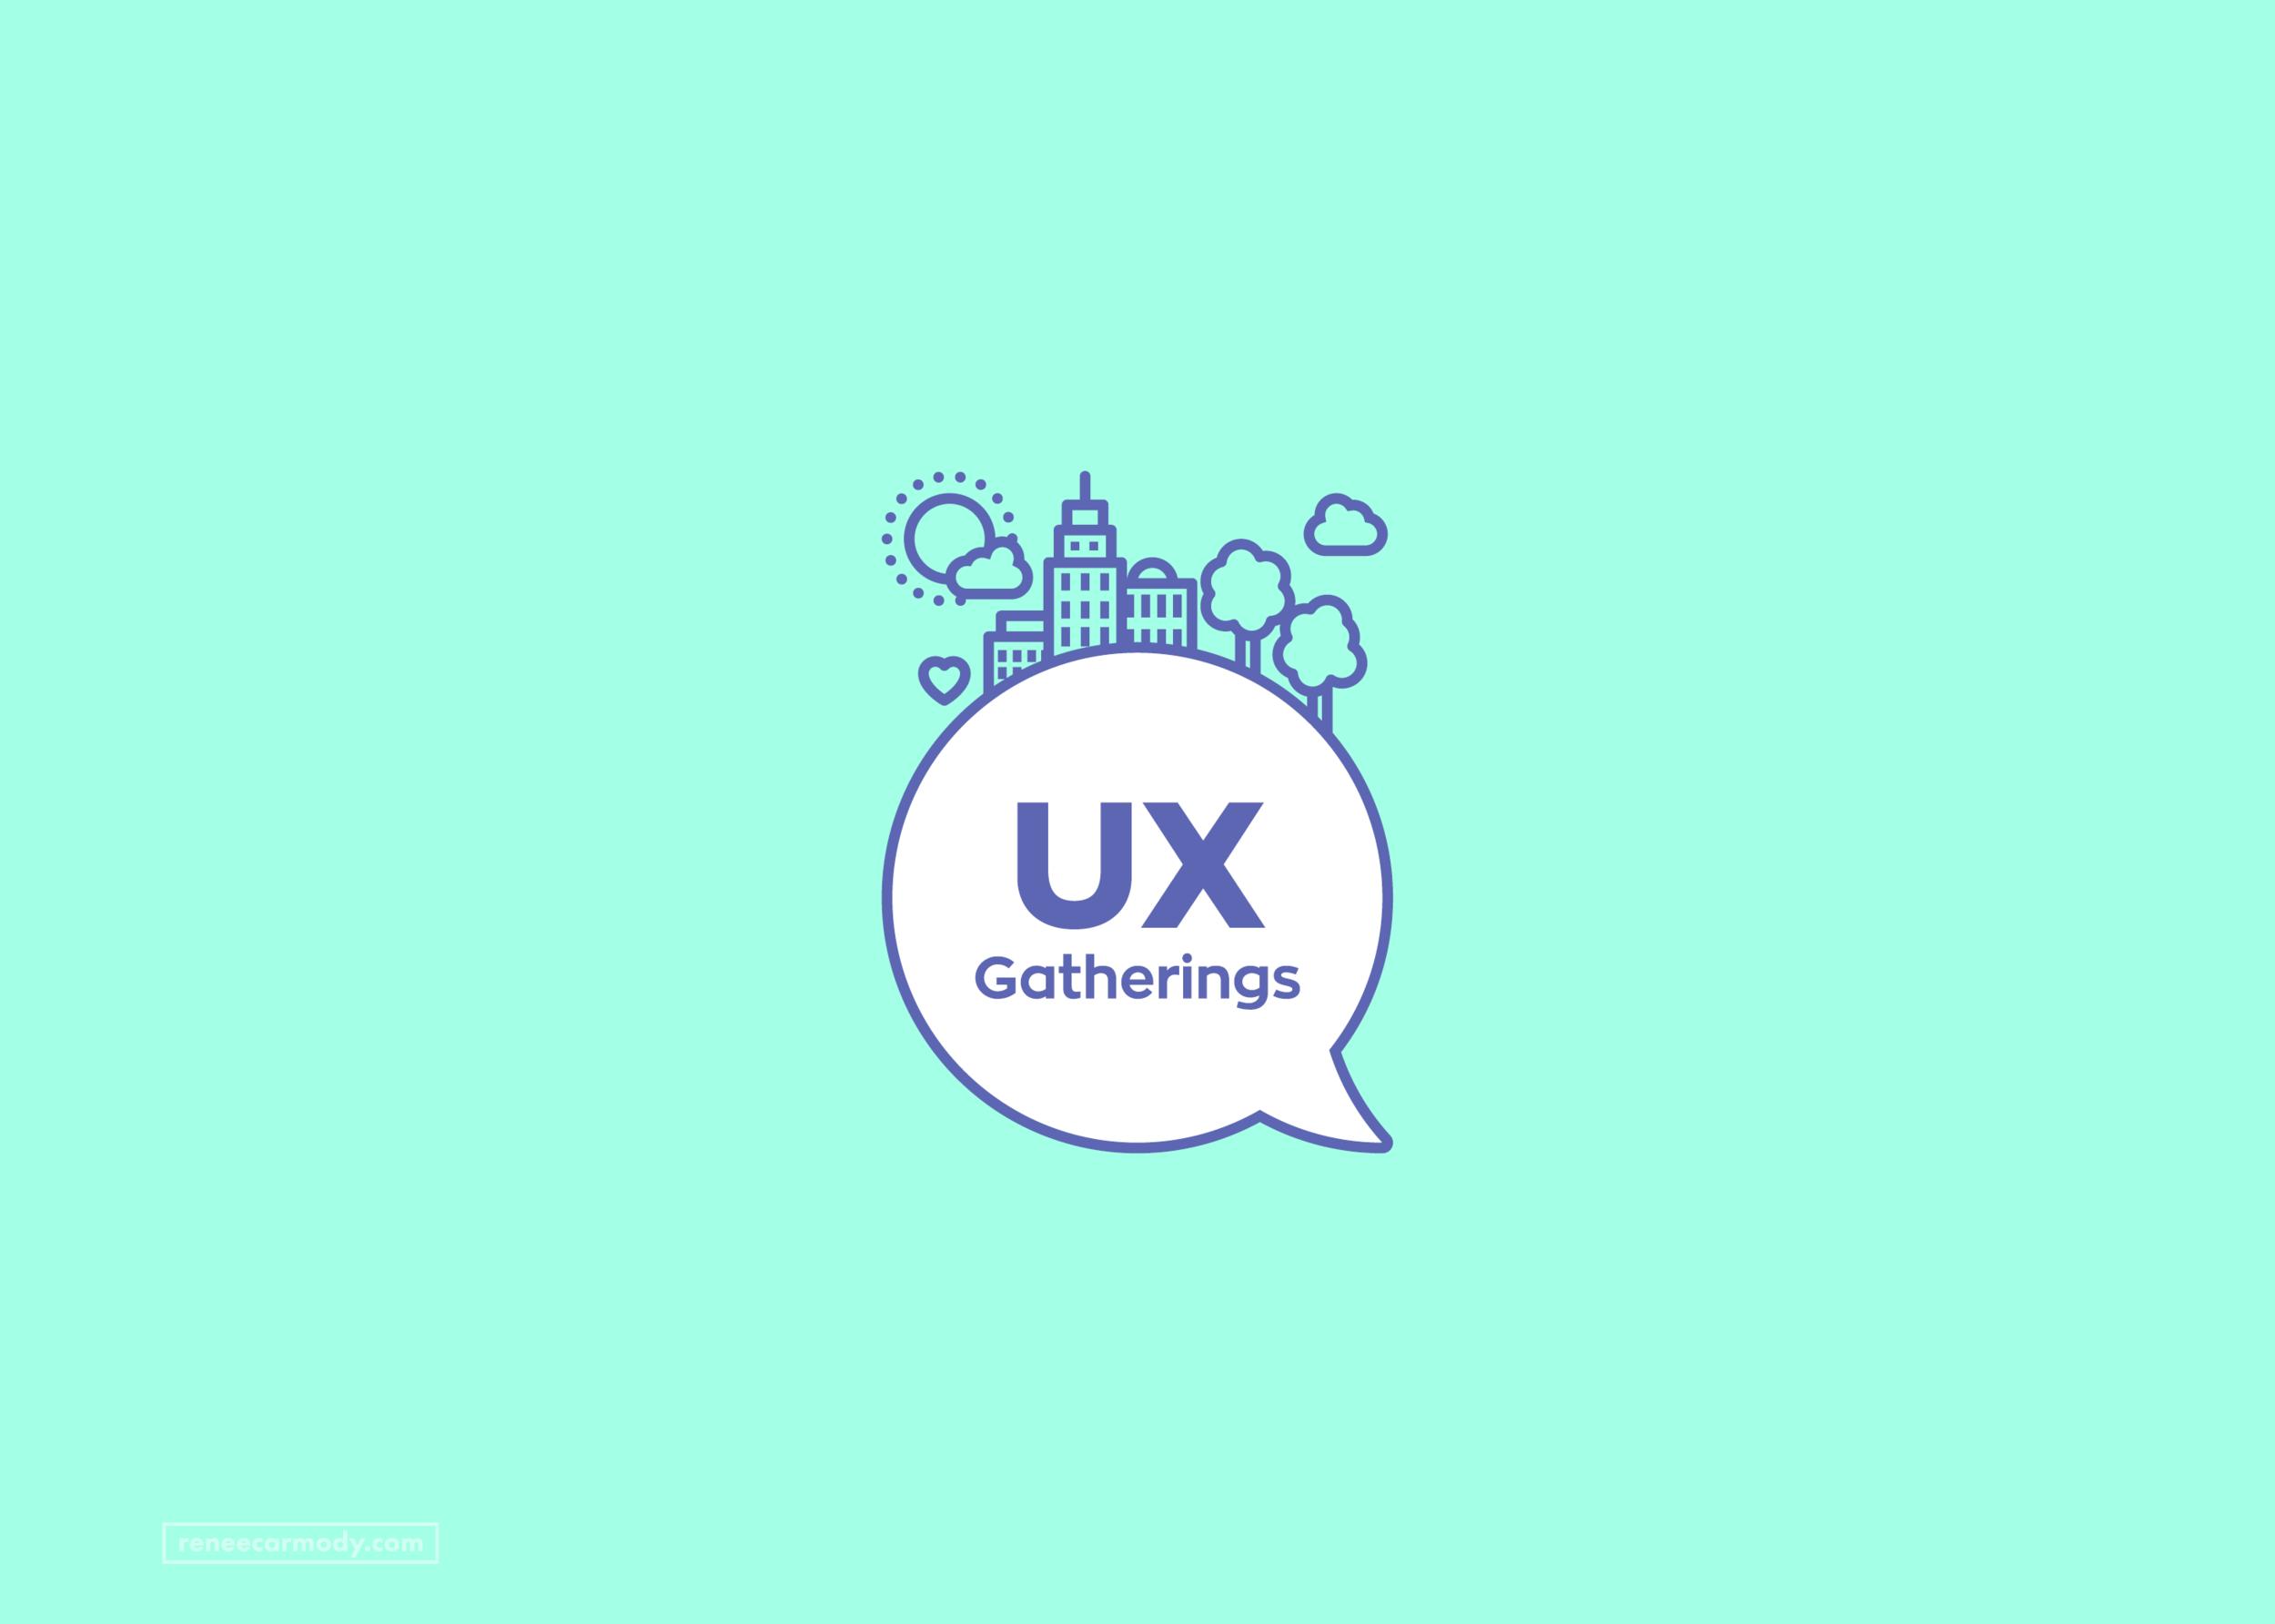 Logo and brand design for UX Gatherings by Renée Carmody Design. reneecarmody.com